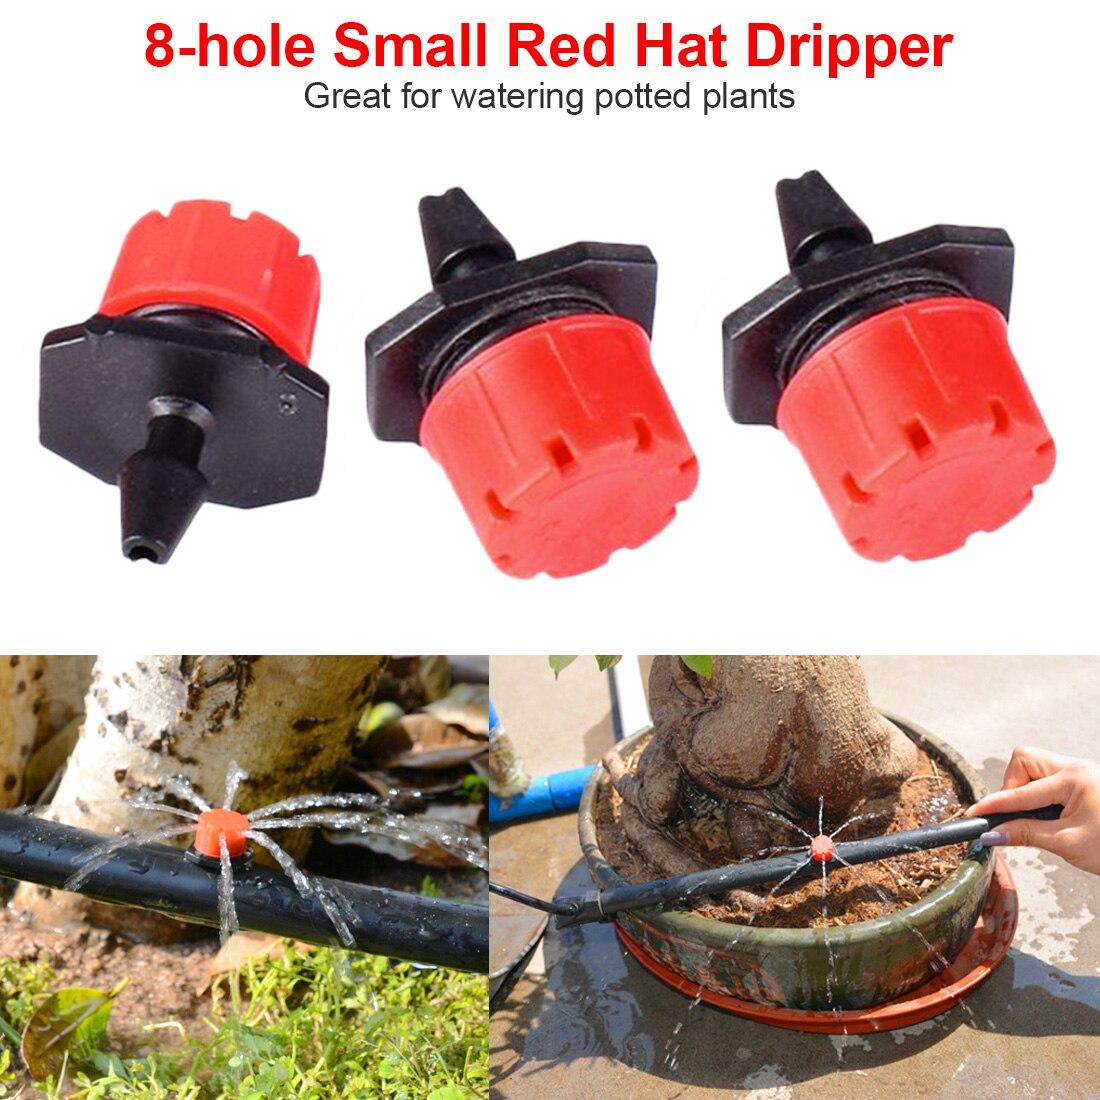 100 pcs/set Einstellbare Wasser Tropf Kopf Sprinkler Garten Bewässerung Mikro-durchflusstropftropfer Bewässerung Sprinkler